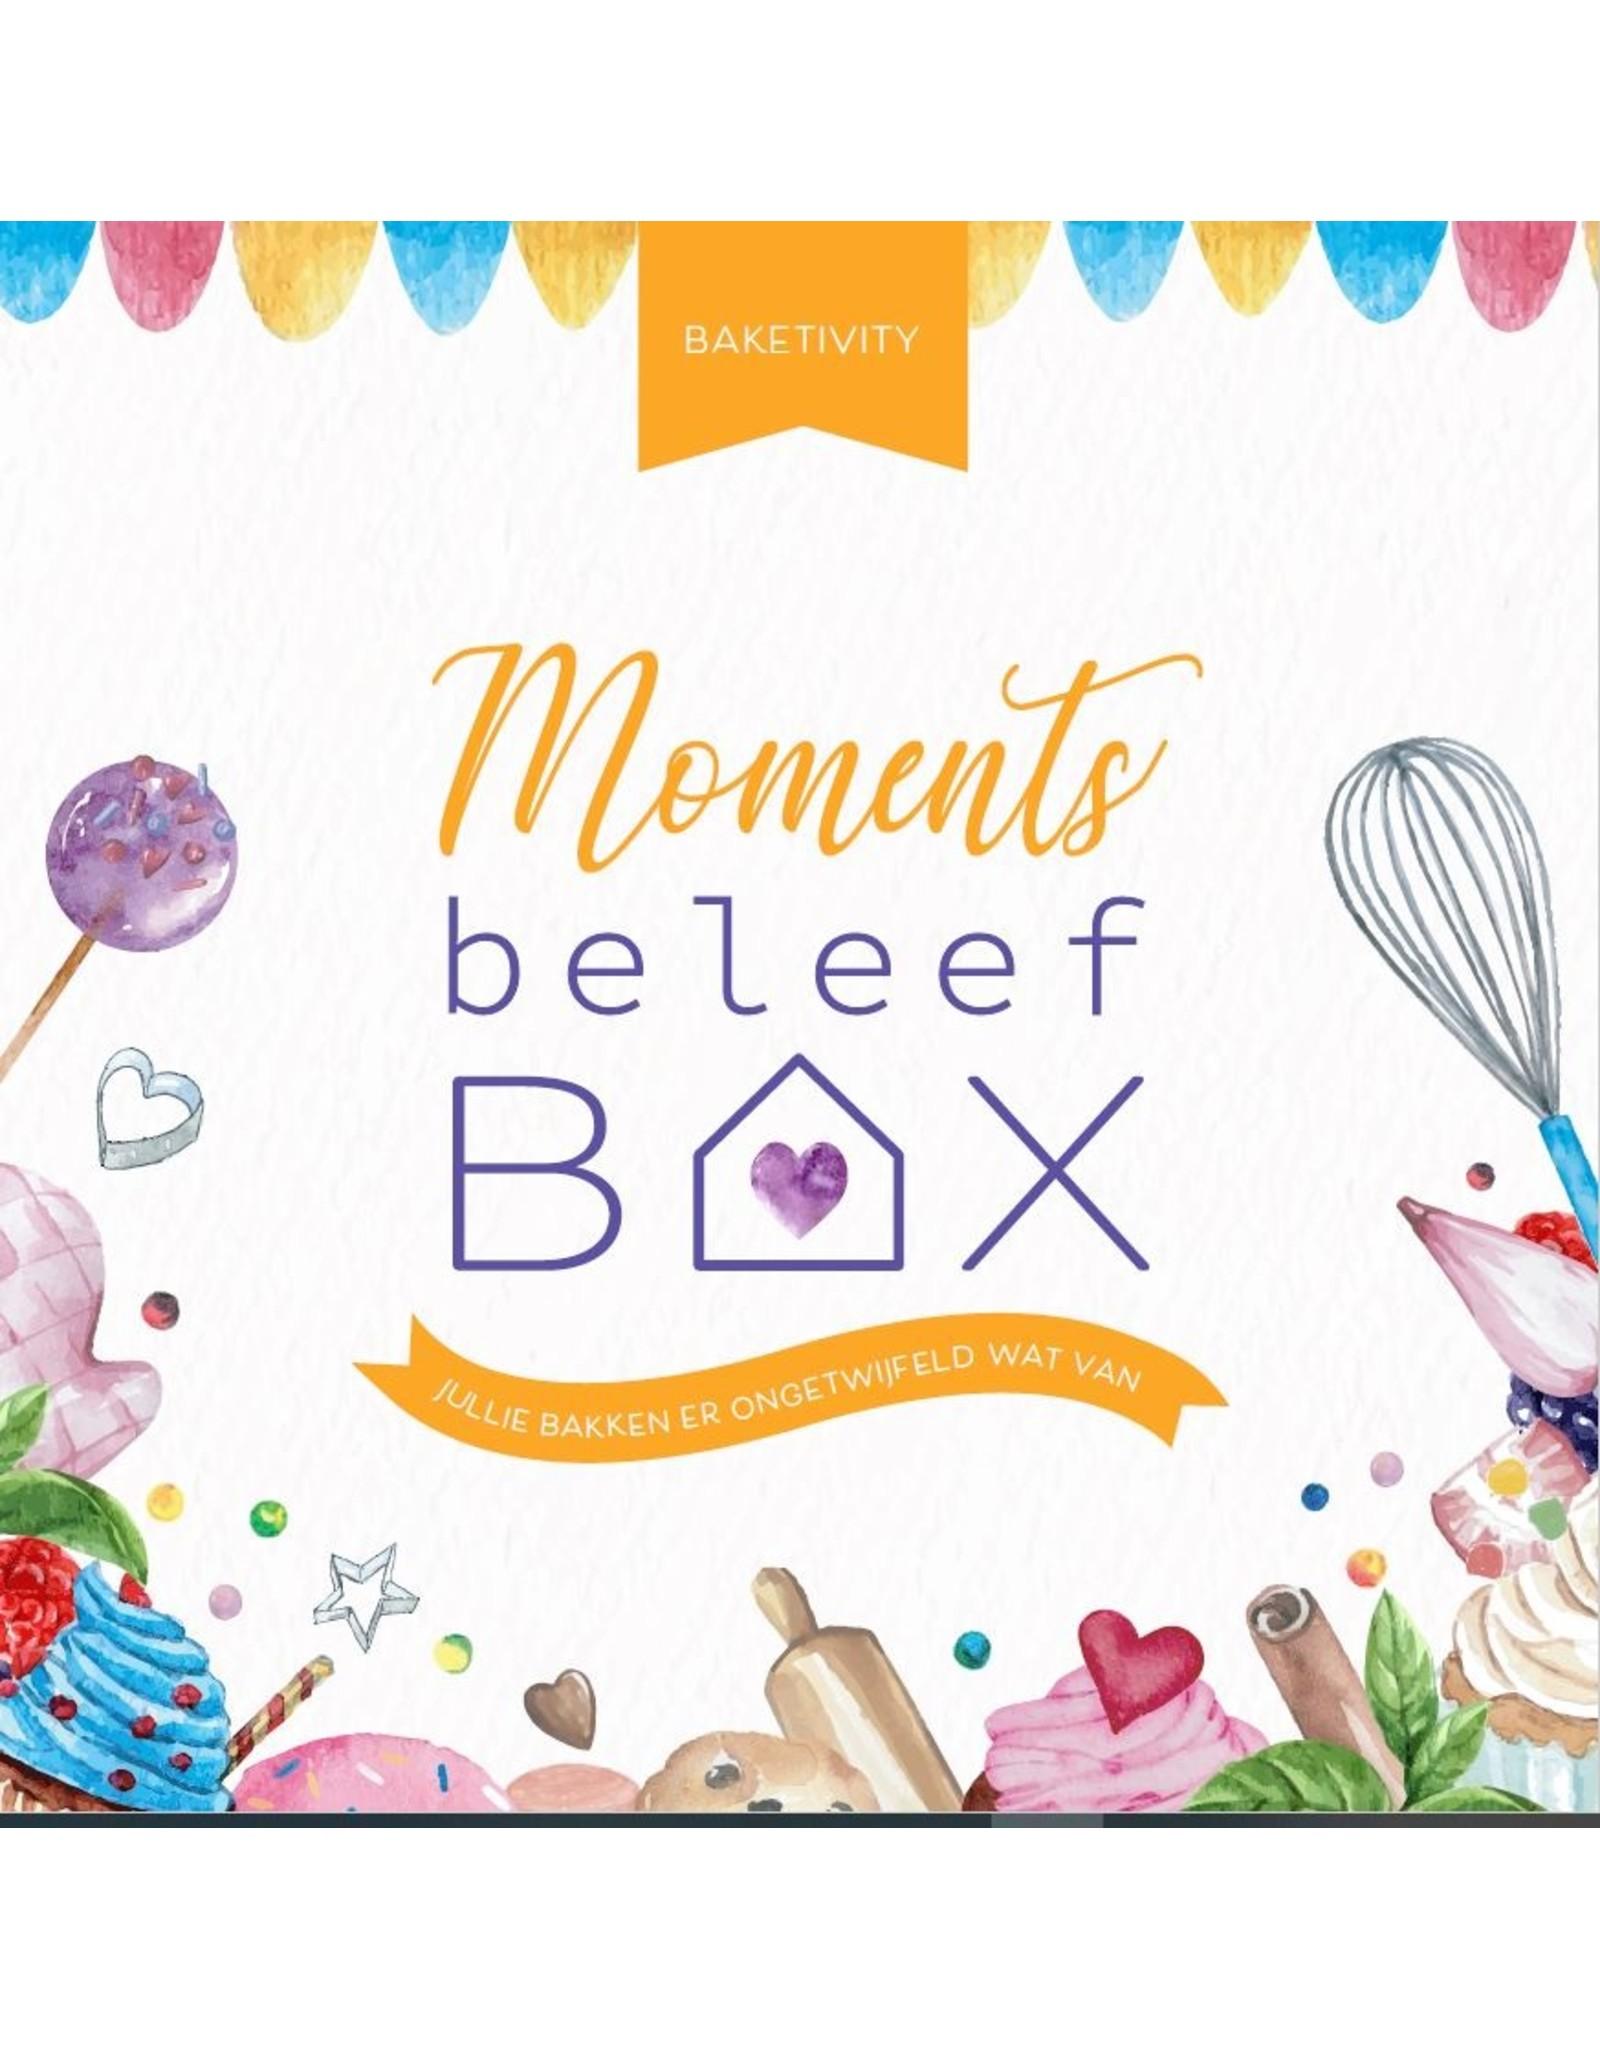 Beleefbox Kids Party